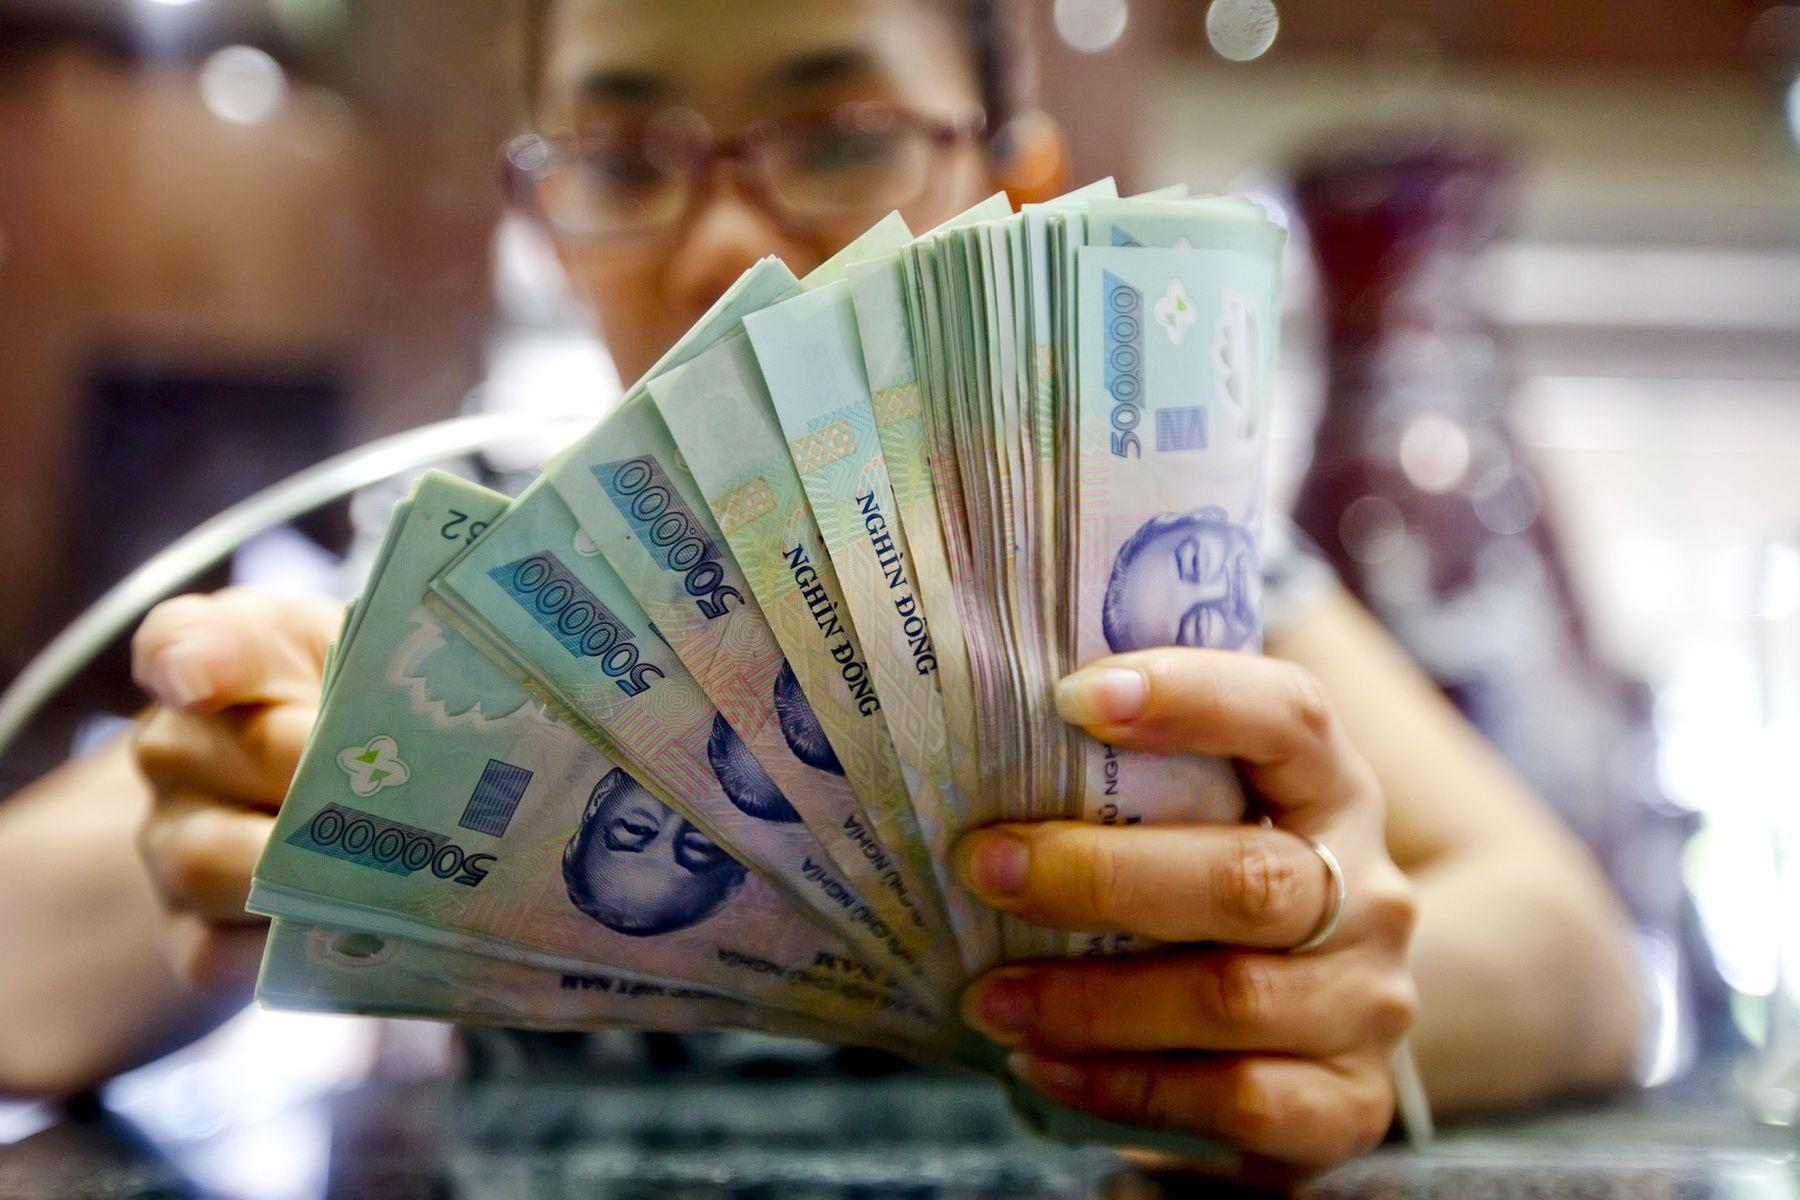 Thu nhập người Việt đang ở đâu để lên được 12.500 USD?